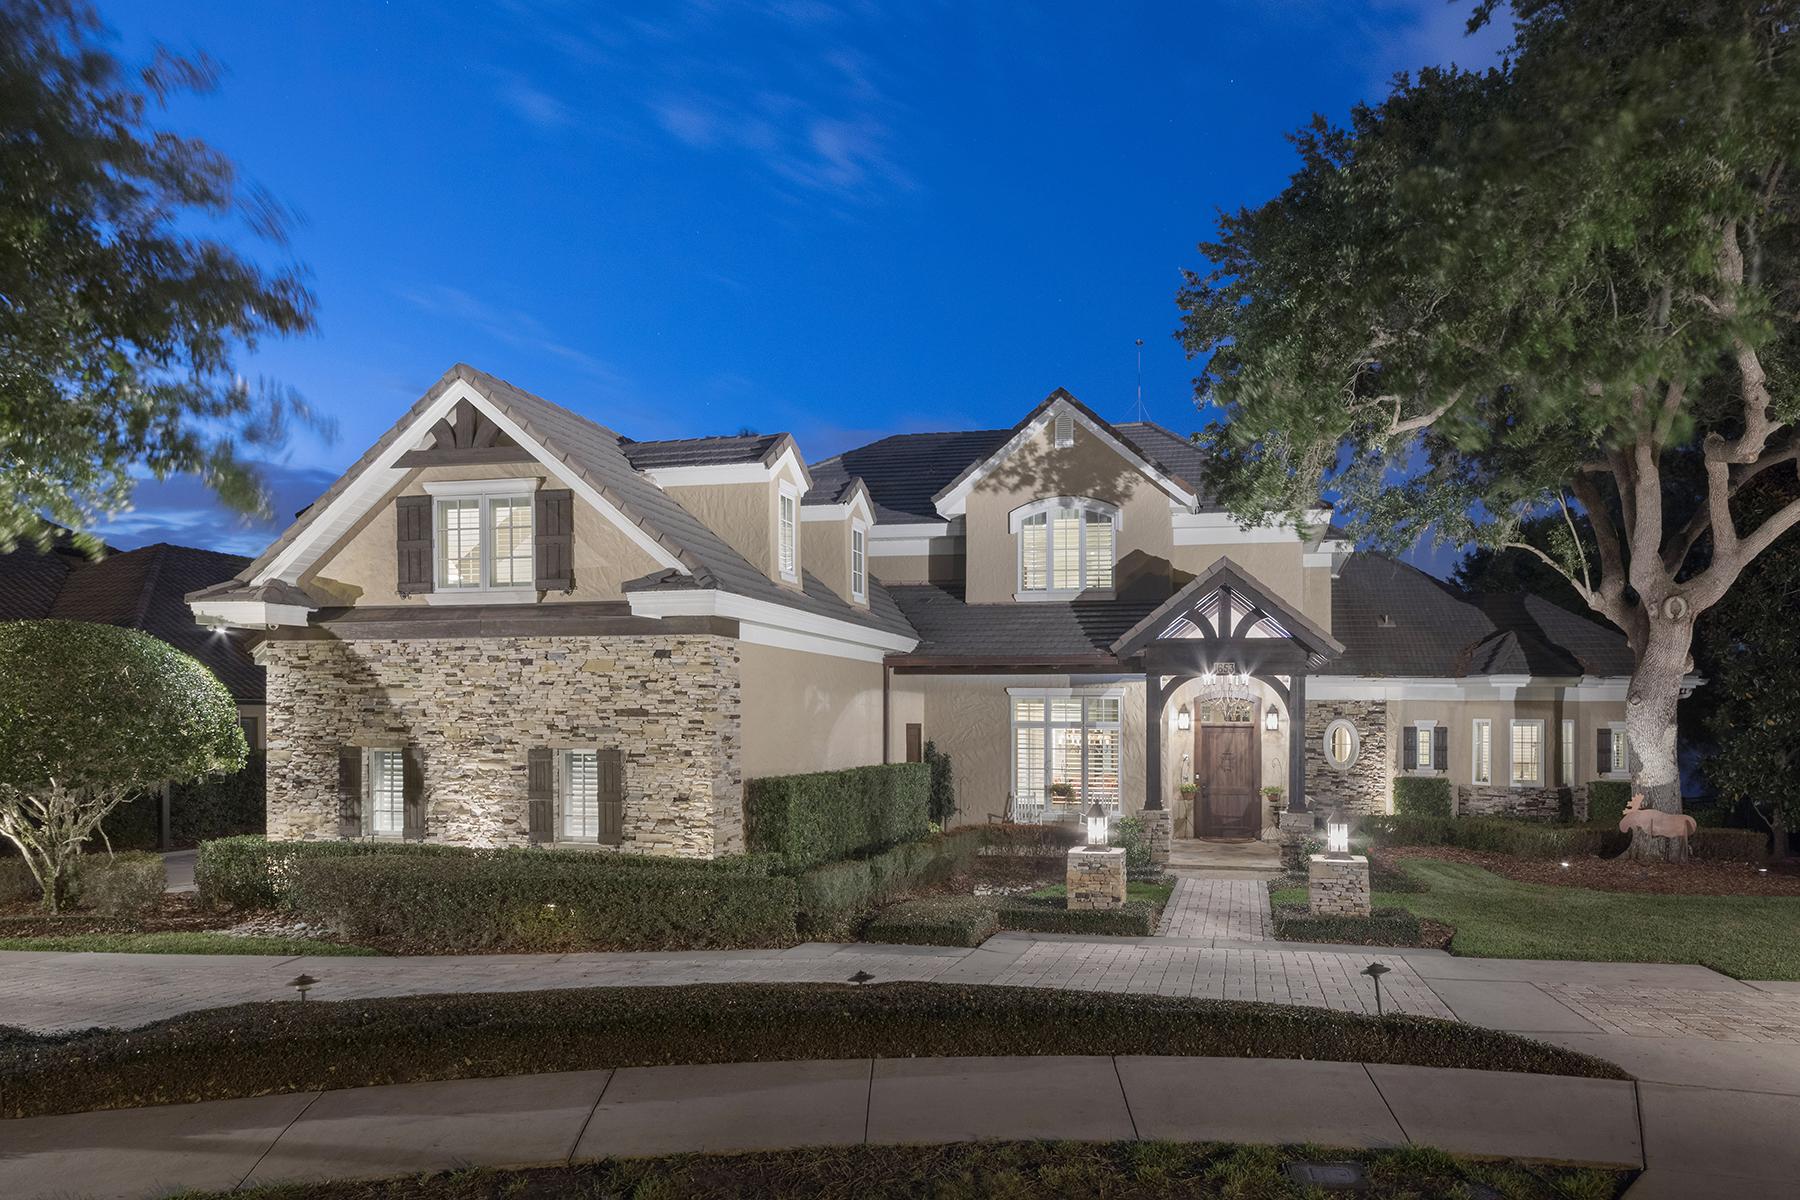 独户住宅 为 销售 在 WINTER PARK - FLORIDA 1653 Chase Landing Way 温特帕克, 佛罗里达州, 32789 美国